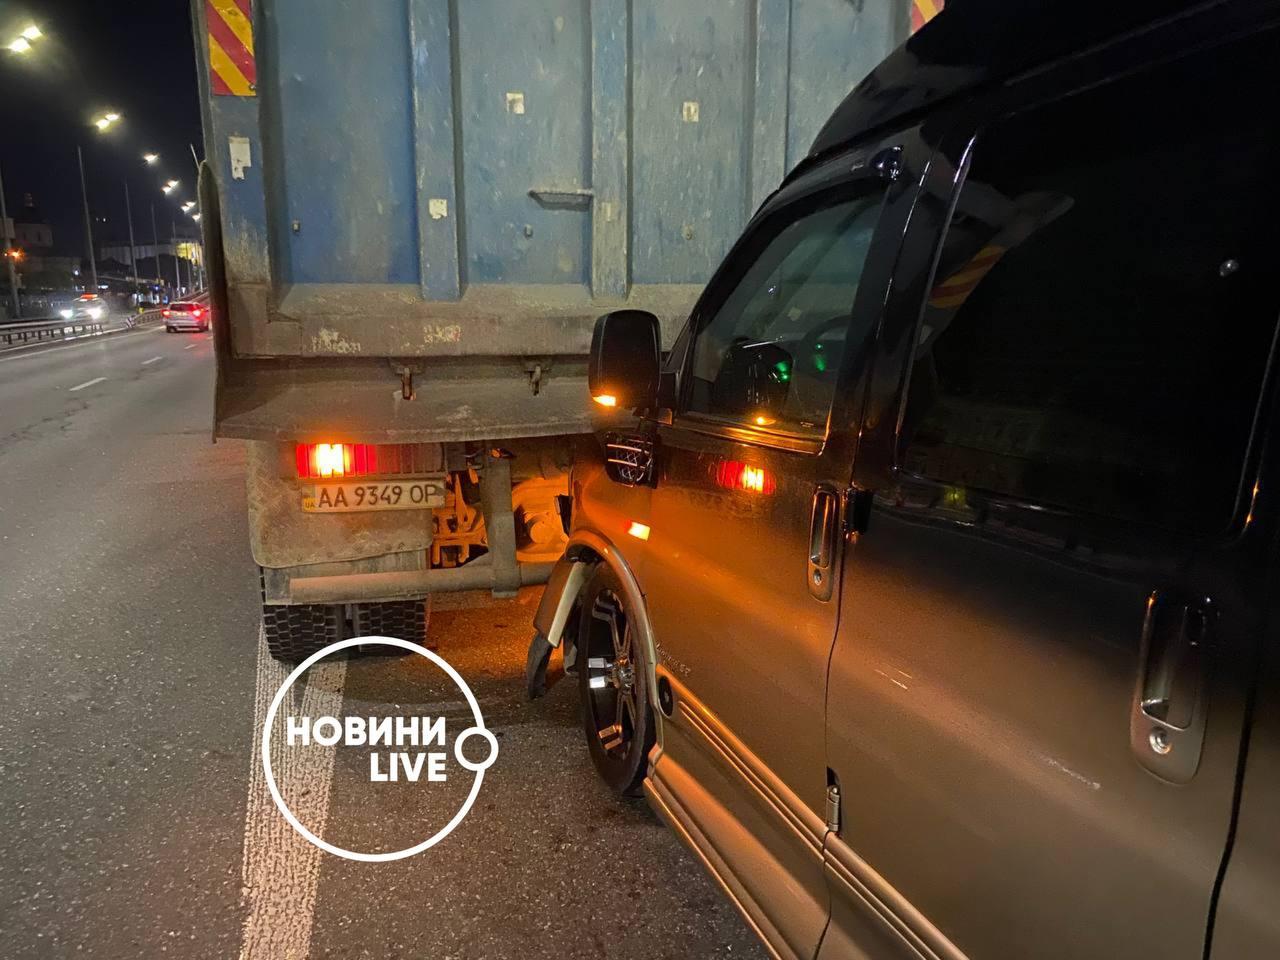 Соломия Витвицкая попала в ДТП в Киеве: авто влетело под самосвал